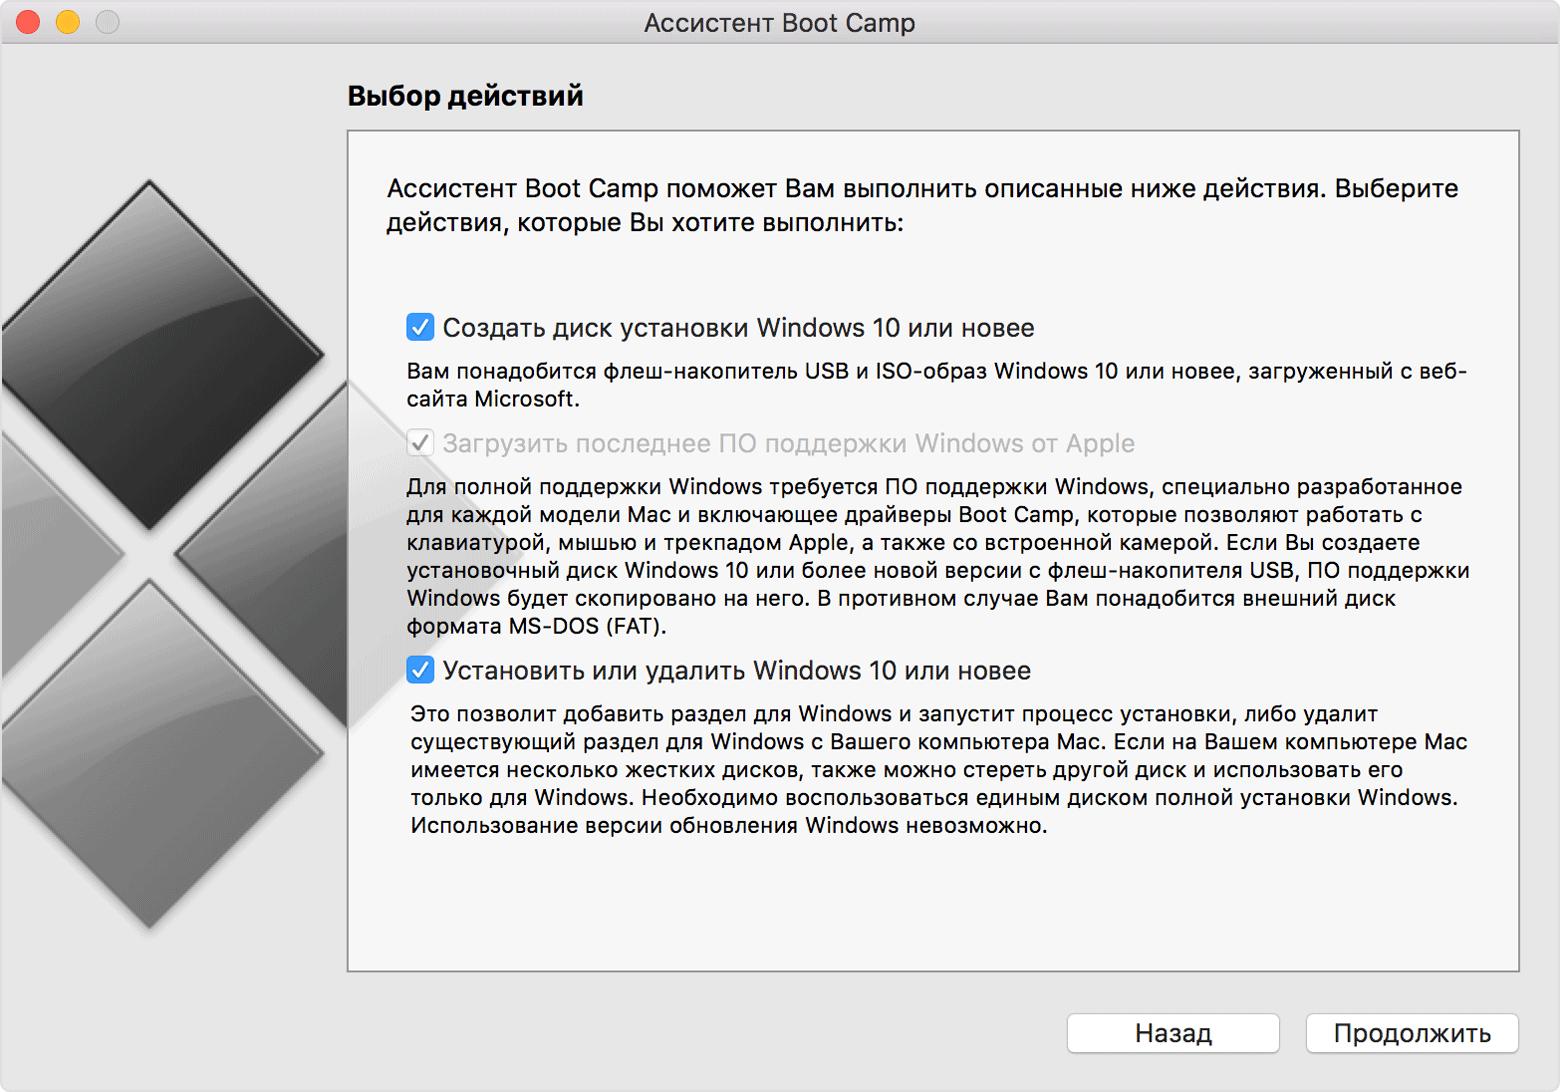 Как сделать резервную копию внешнего жесткого диска mac